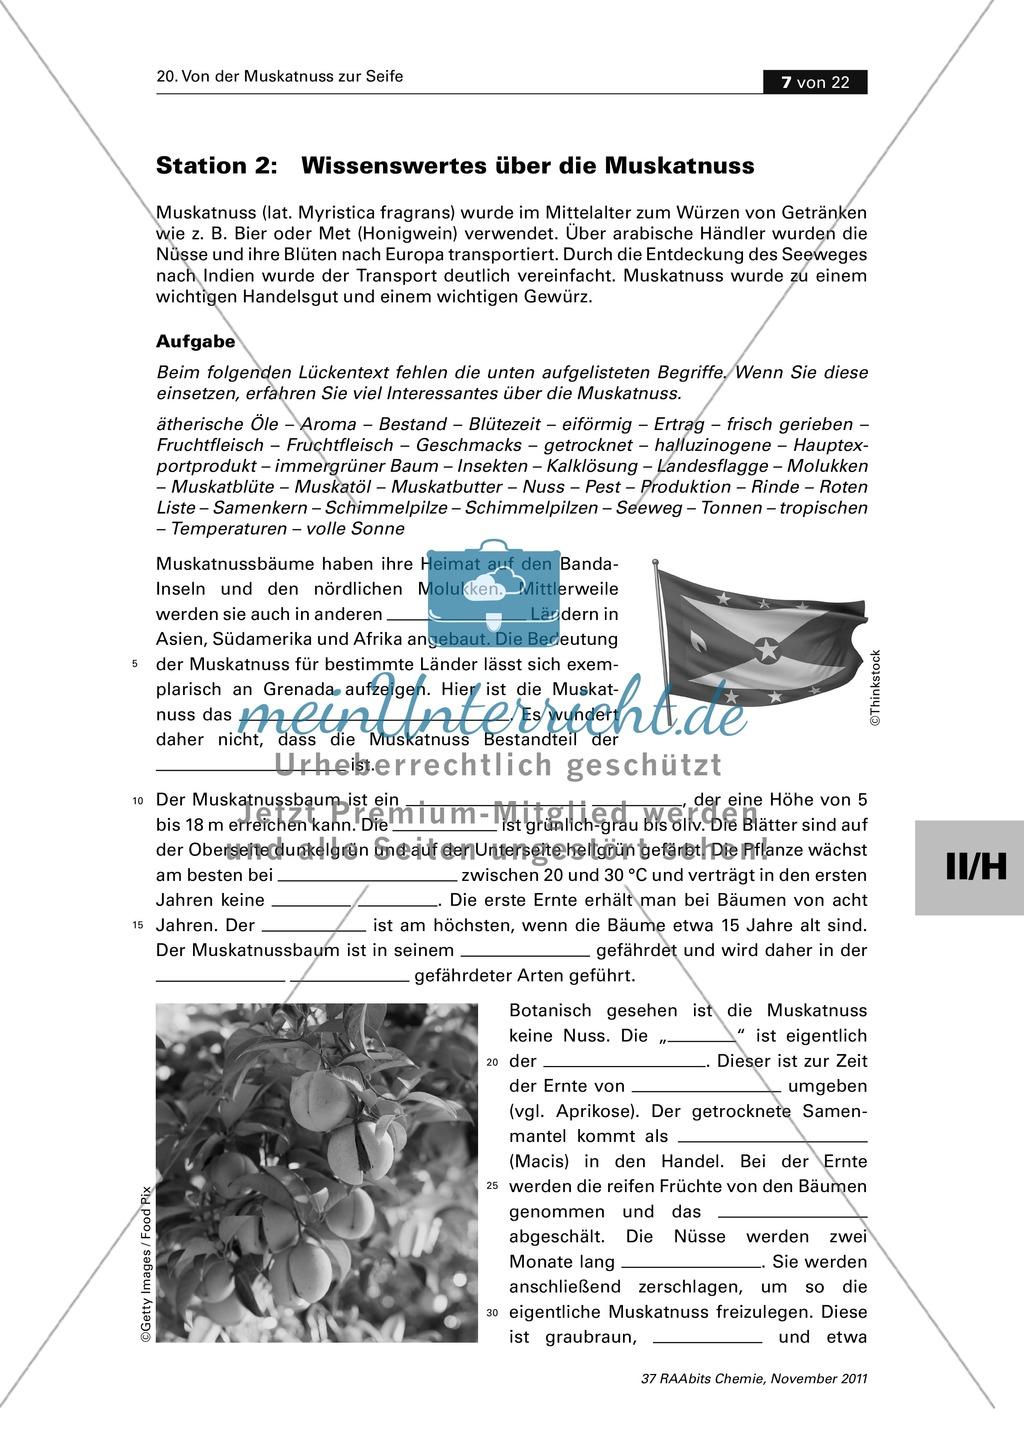 Lipide im Alltag: Lückentext zu Wissenswertem über die Muskatnuss Preview 0